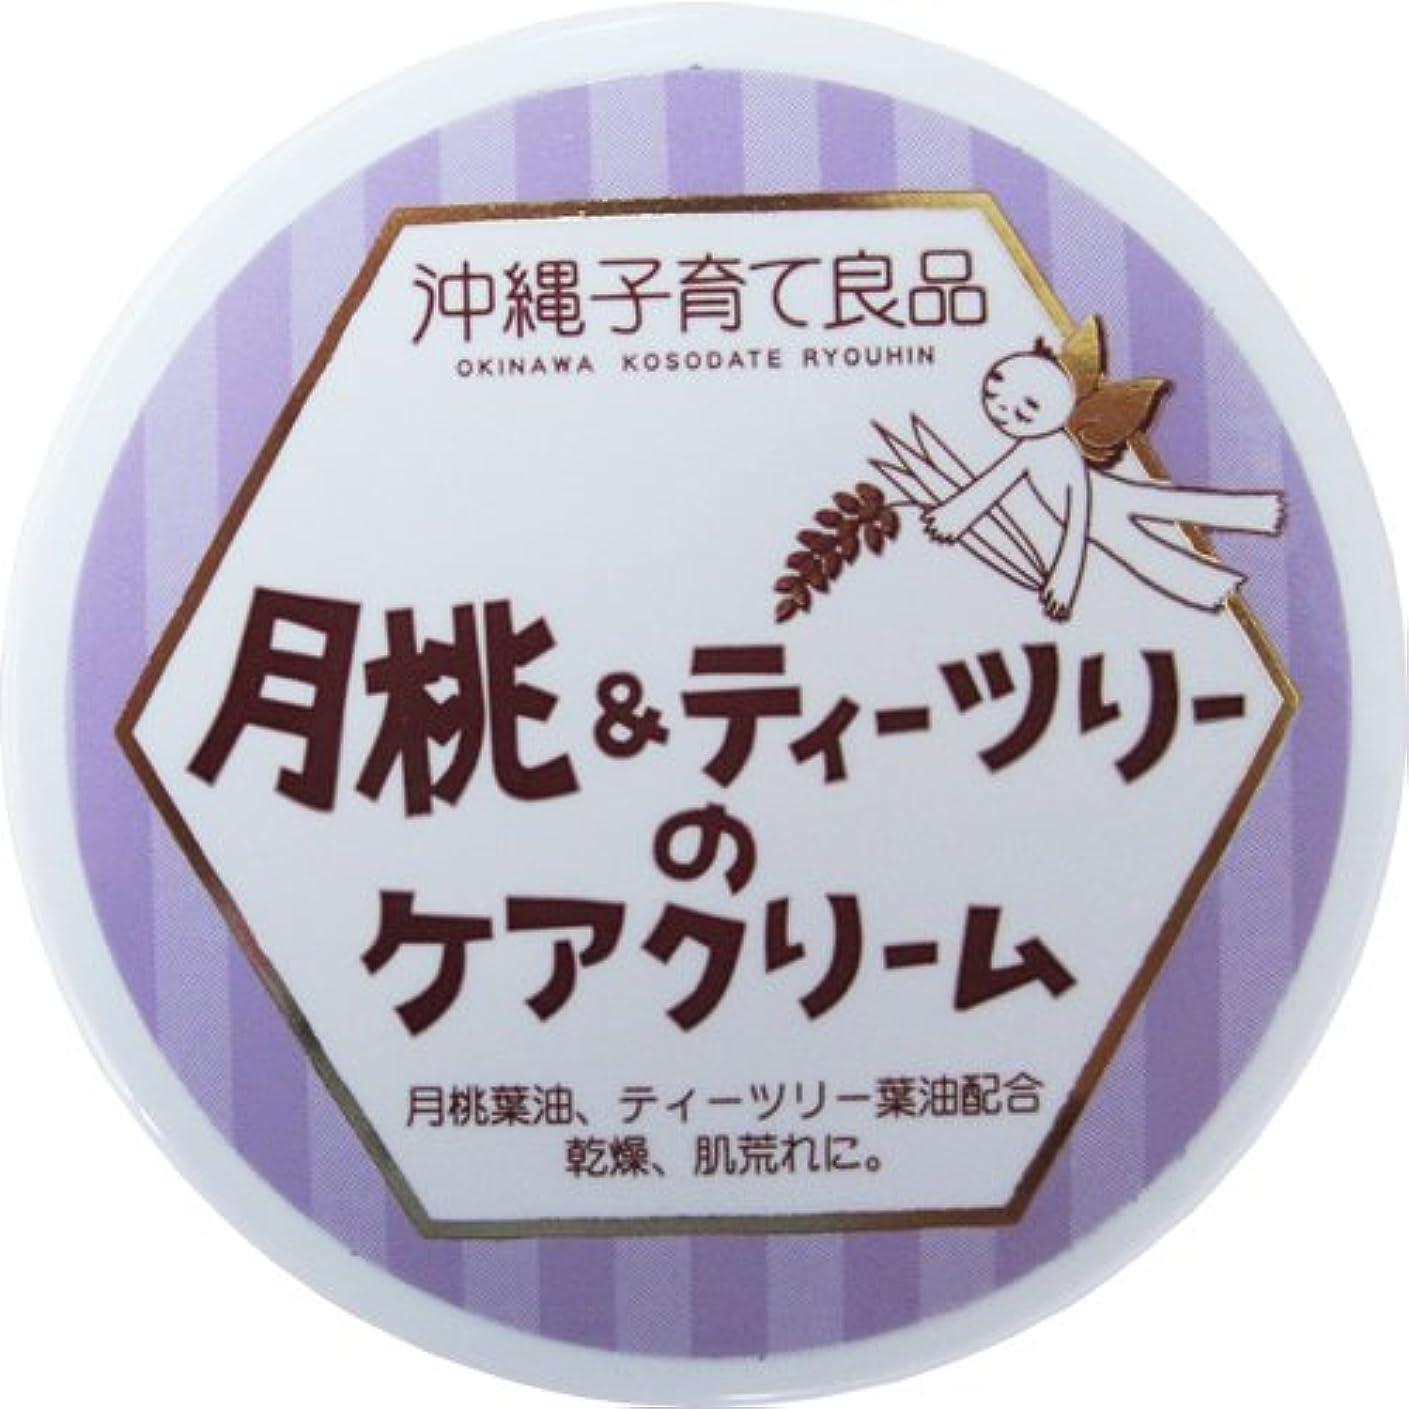 日帰り旅行に冬割れ目沖縄子育て良品 月桃&ティツリーのケアクリーム (25g)